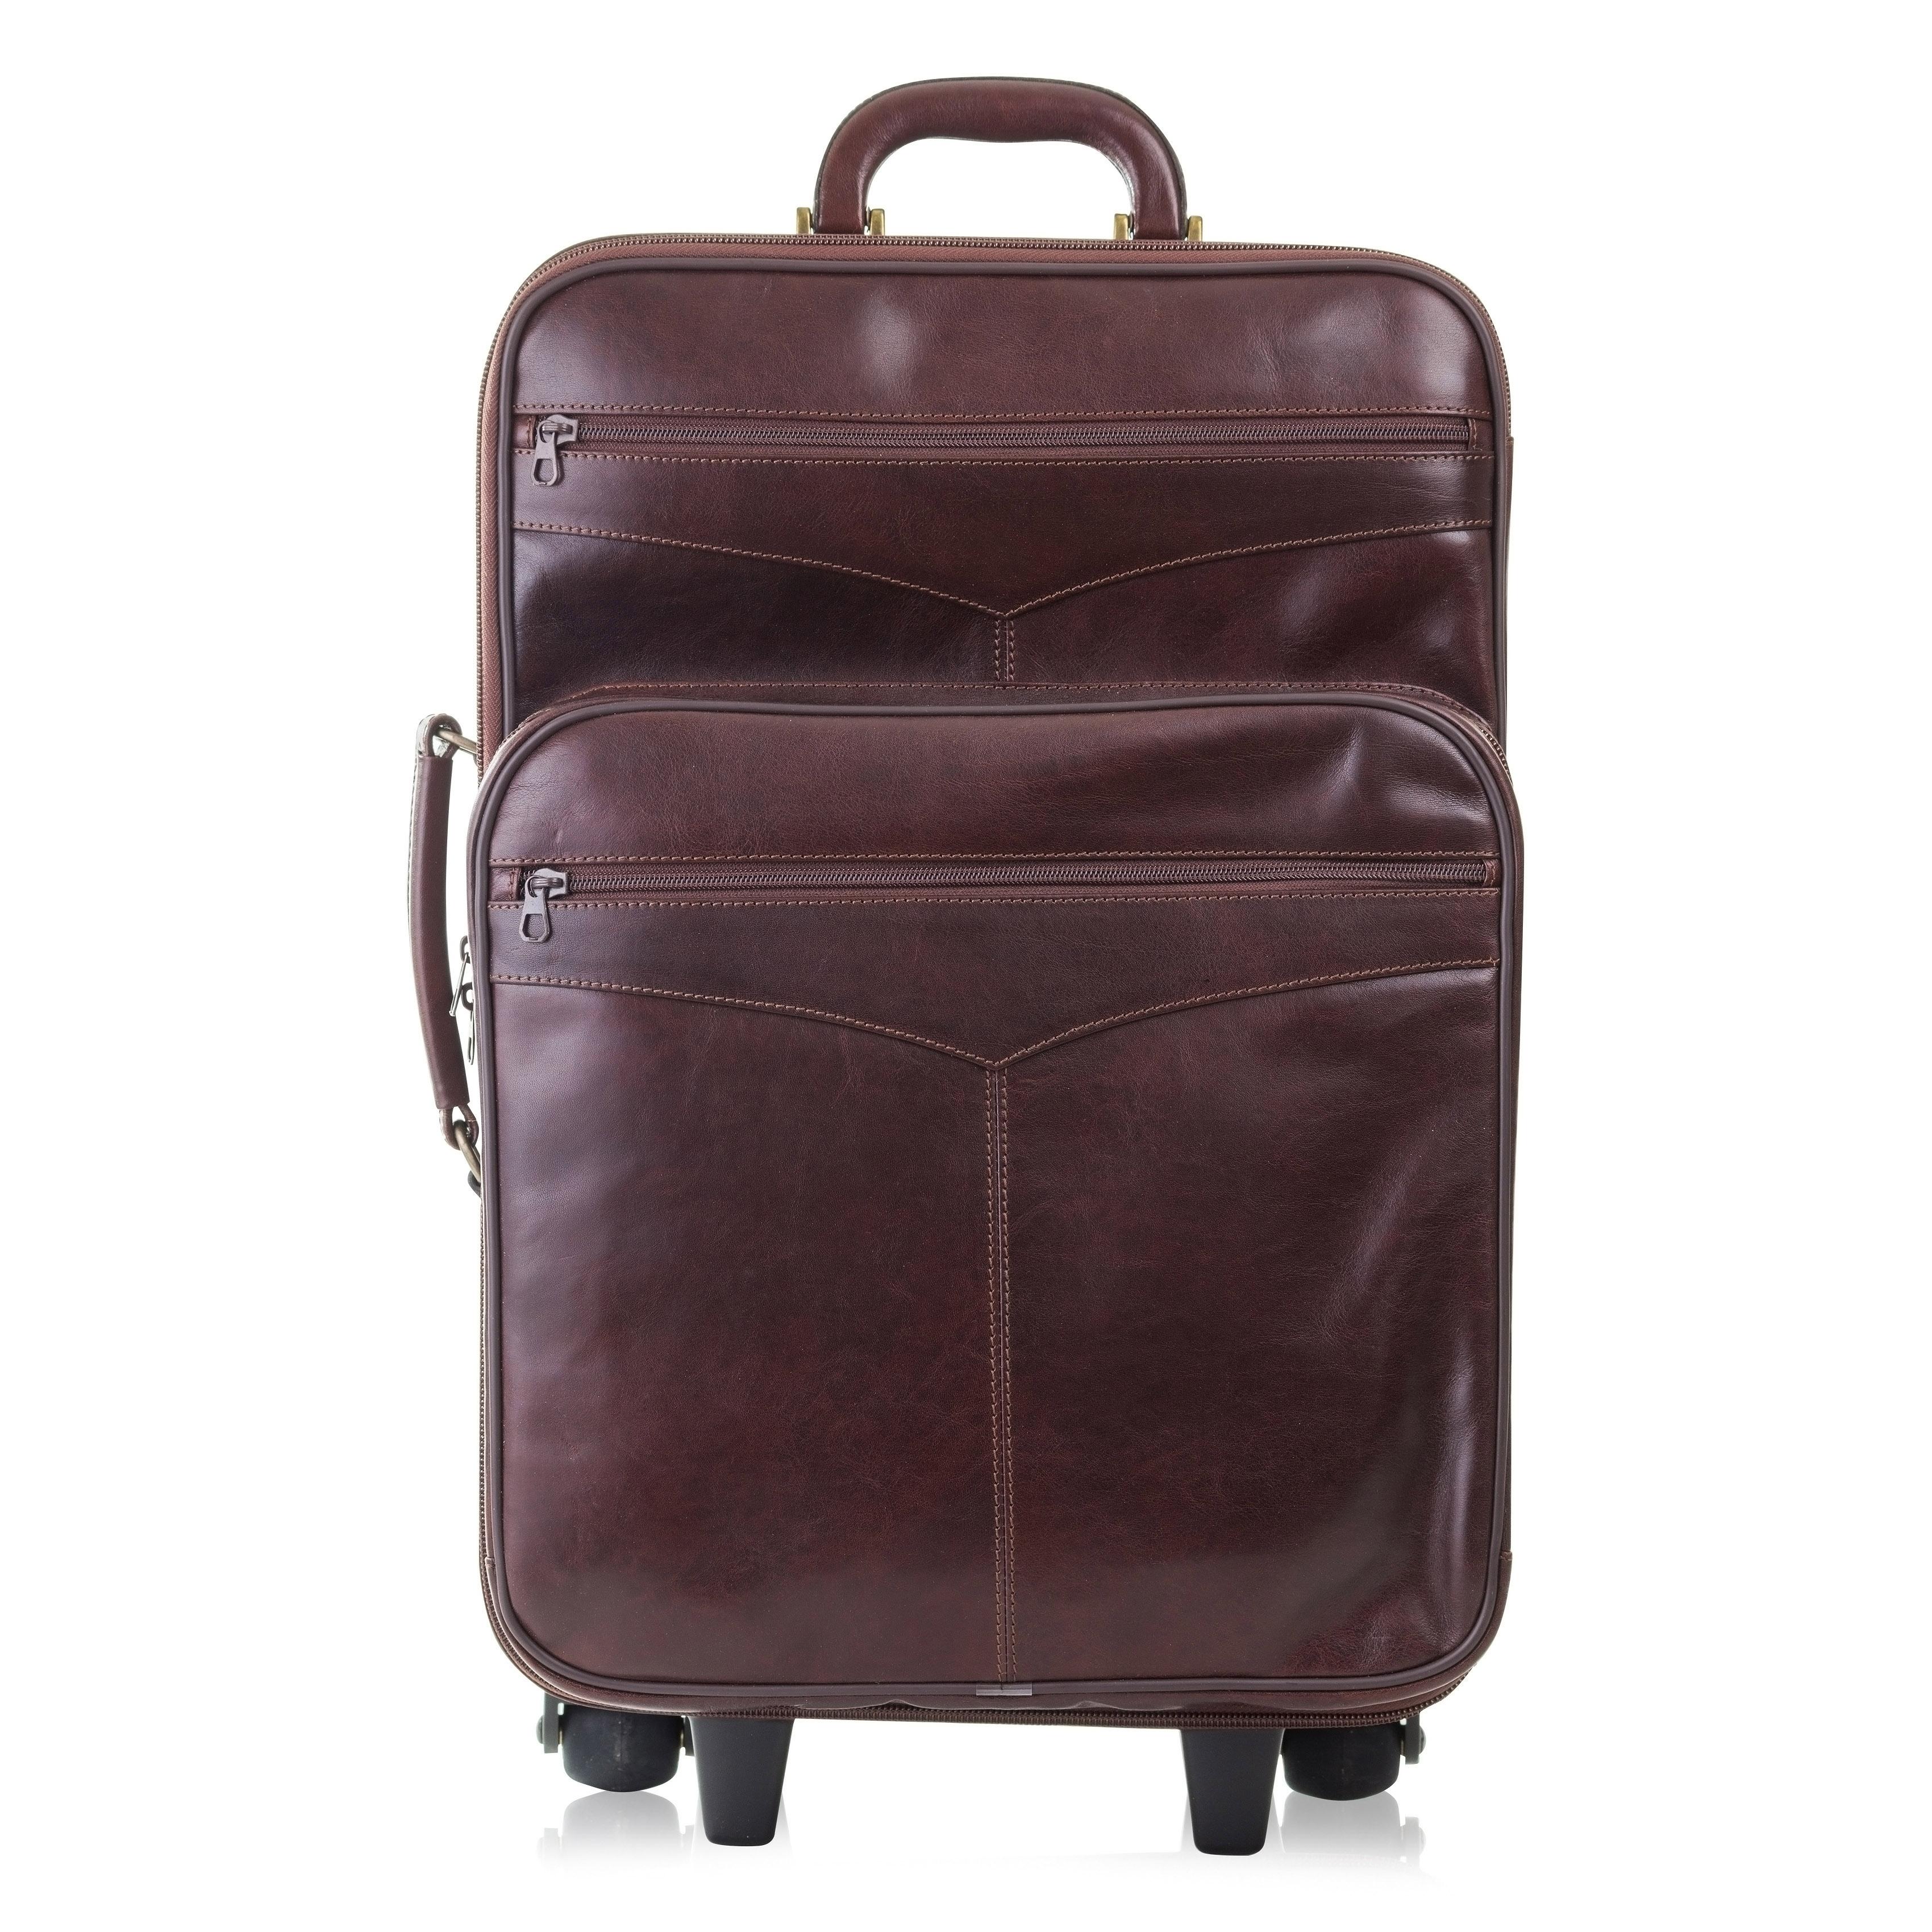 Palubní kufr ADK Brisbane v hnědé barvě